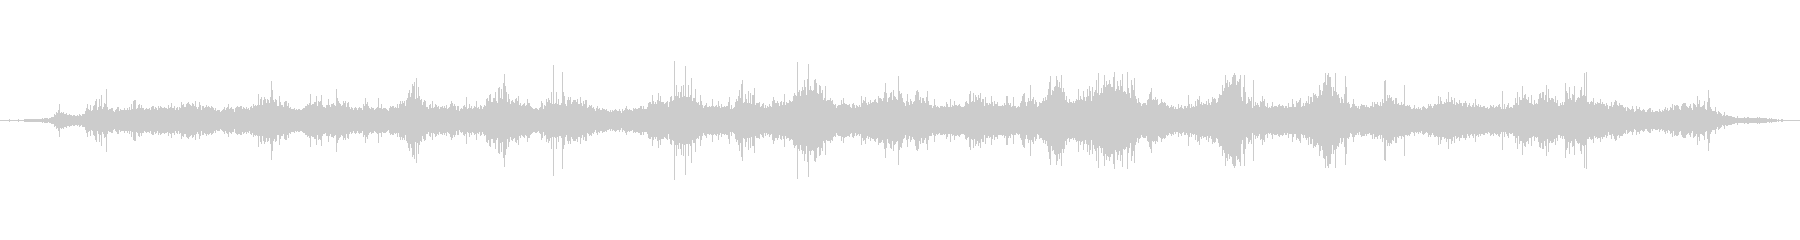 内海の波打ち際、穏やかな波音01の未再生の波形